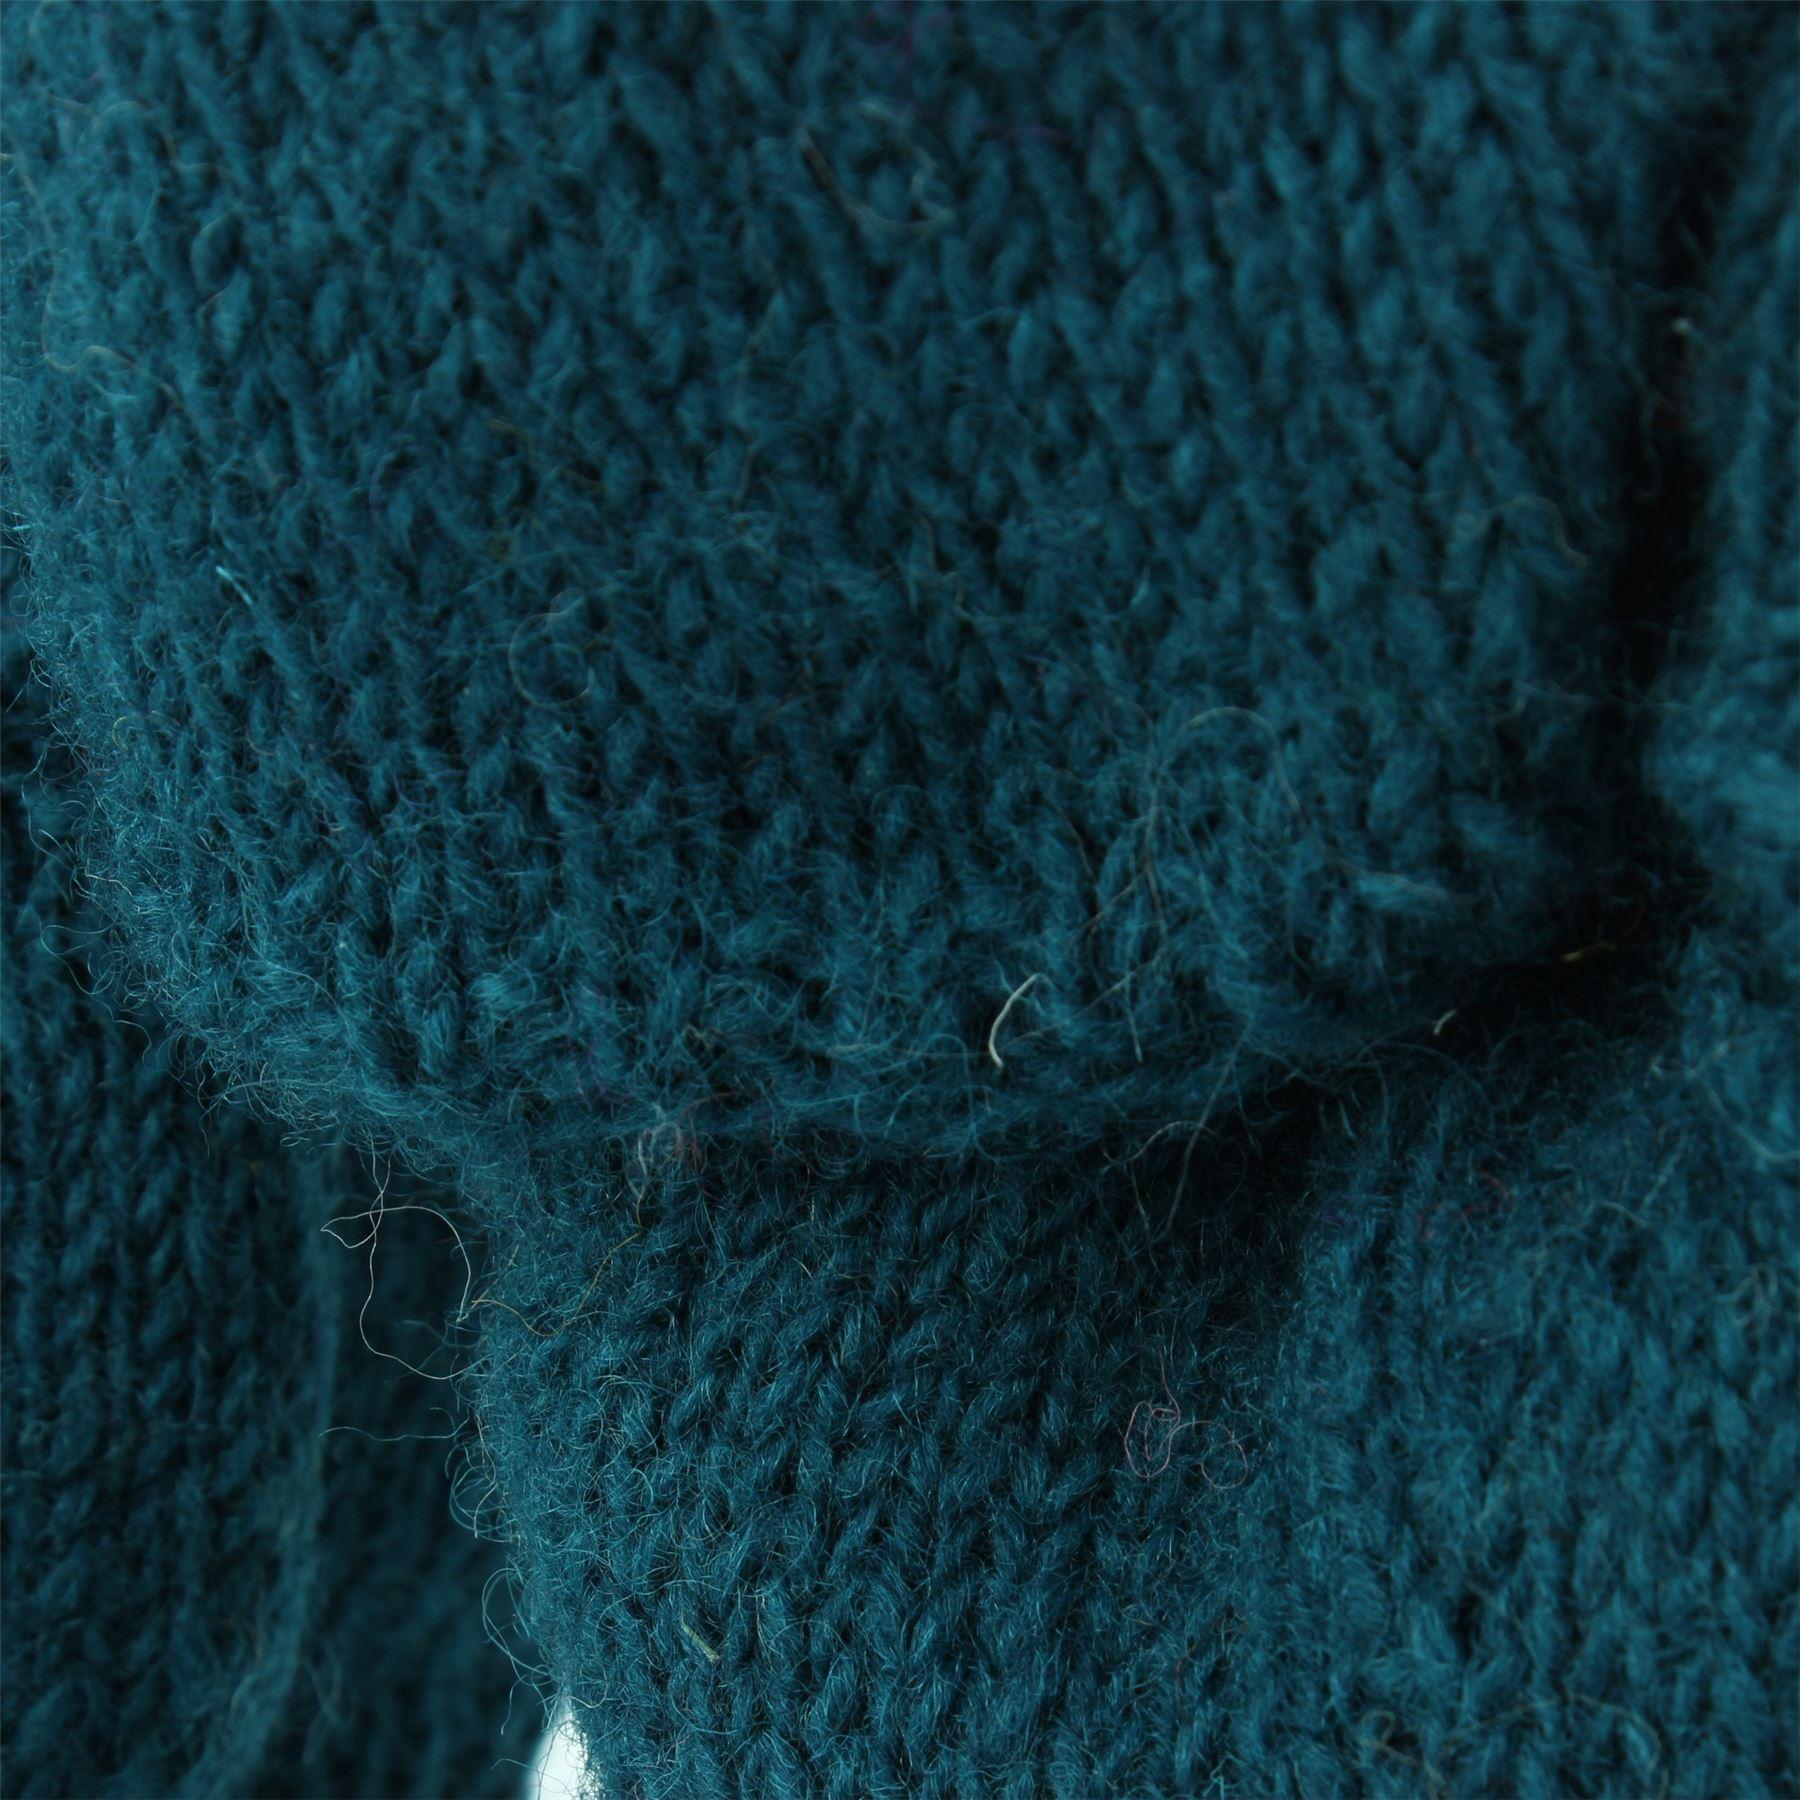 Wool-Gloves-Mittens-Fingerless-Shooter-Lined-PLAIN-Knit-Handmade-LoudElephant miniatura 15